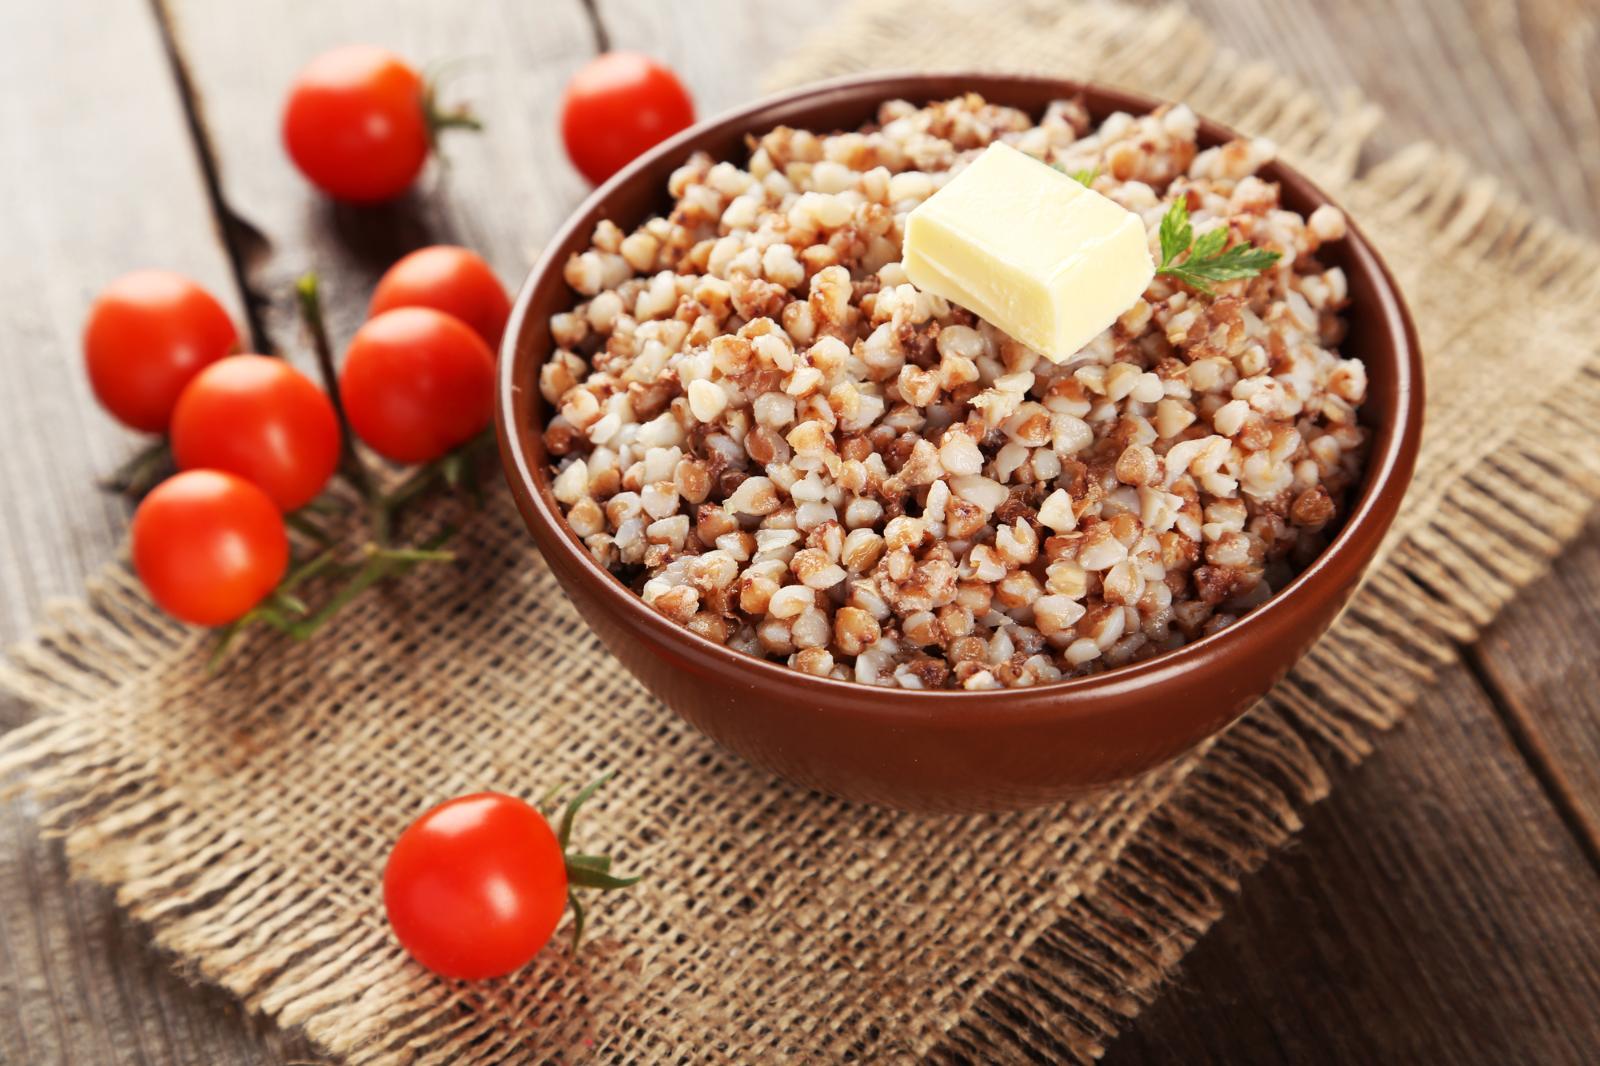 Похудеть Гречка Творог Овощи. Гречневая диета для похудения